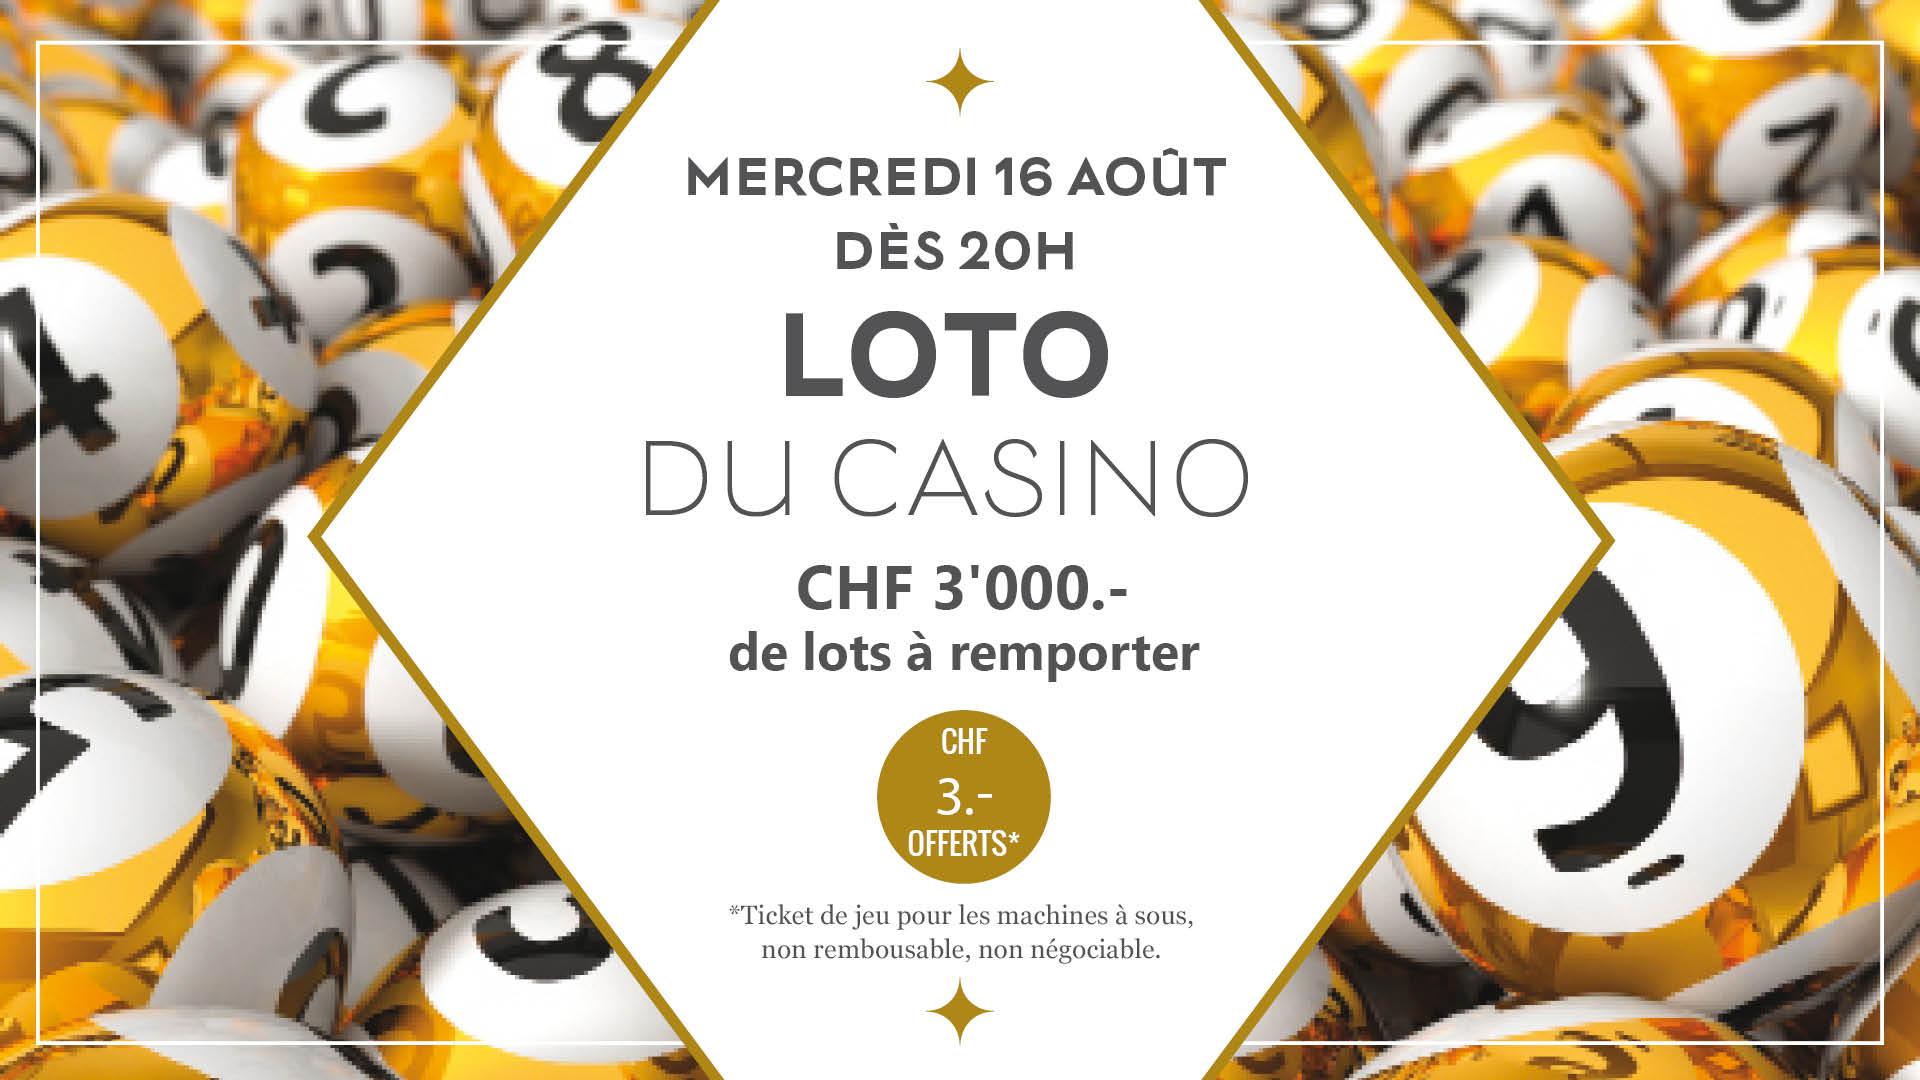 Loto gratuit casino montreux free casino spin